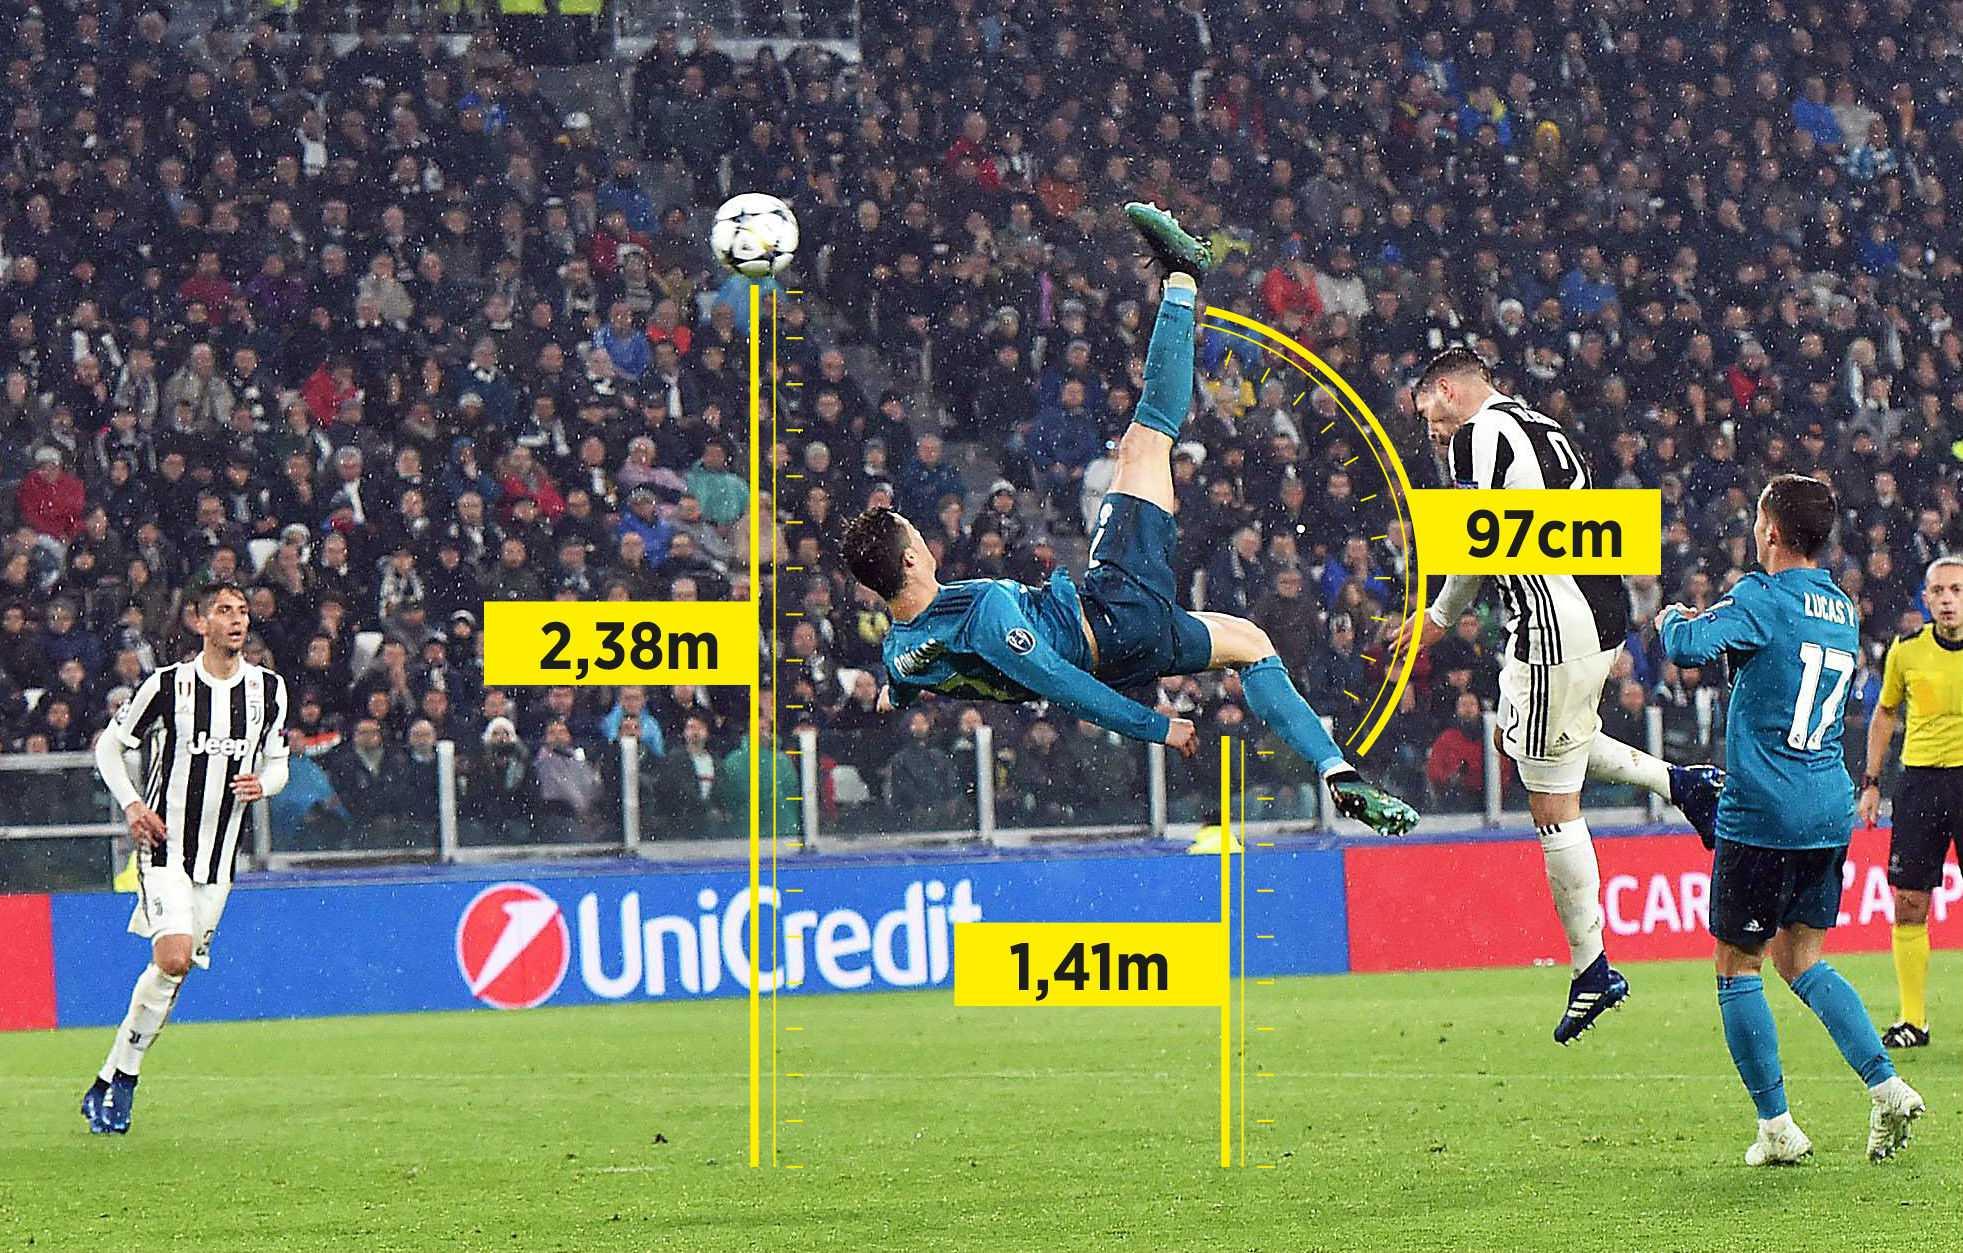 Los datos físicos del gol de chilena de Cristiano Ronaldo